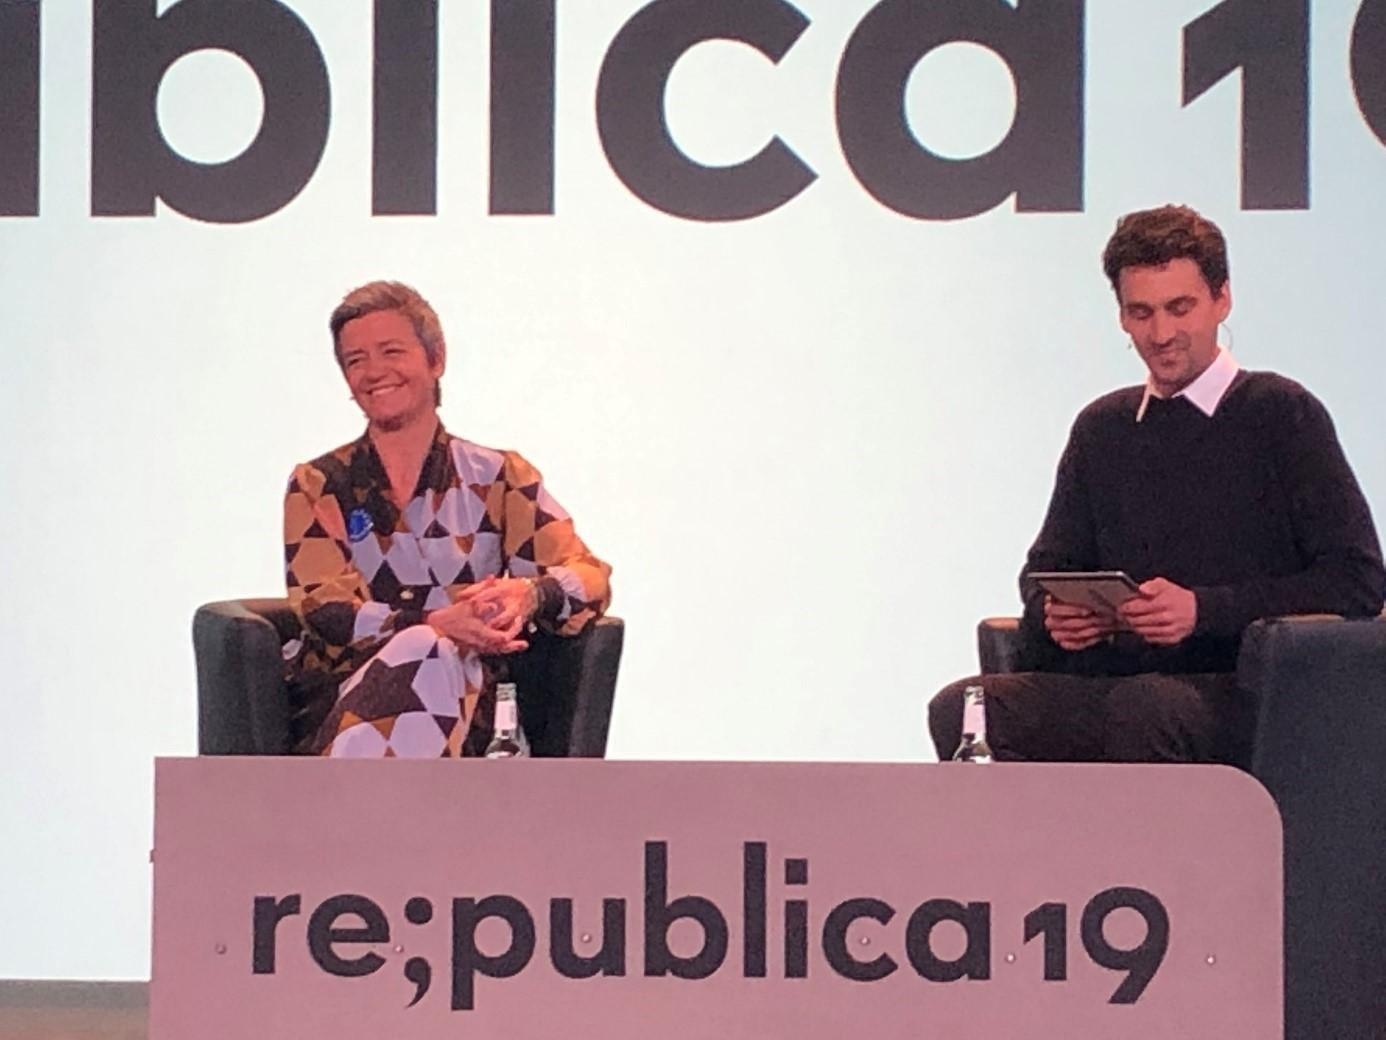 Margrethe Vestager, republica 19